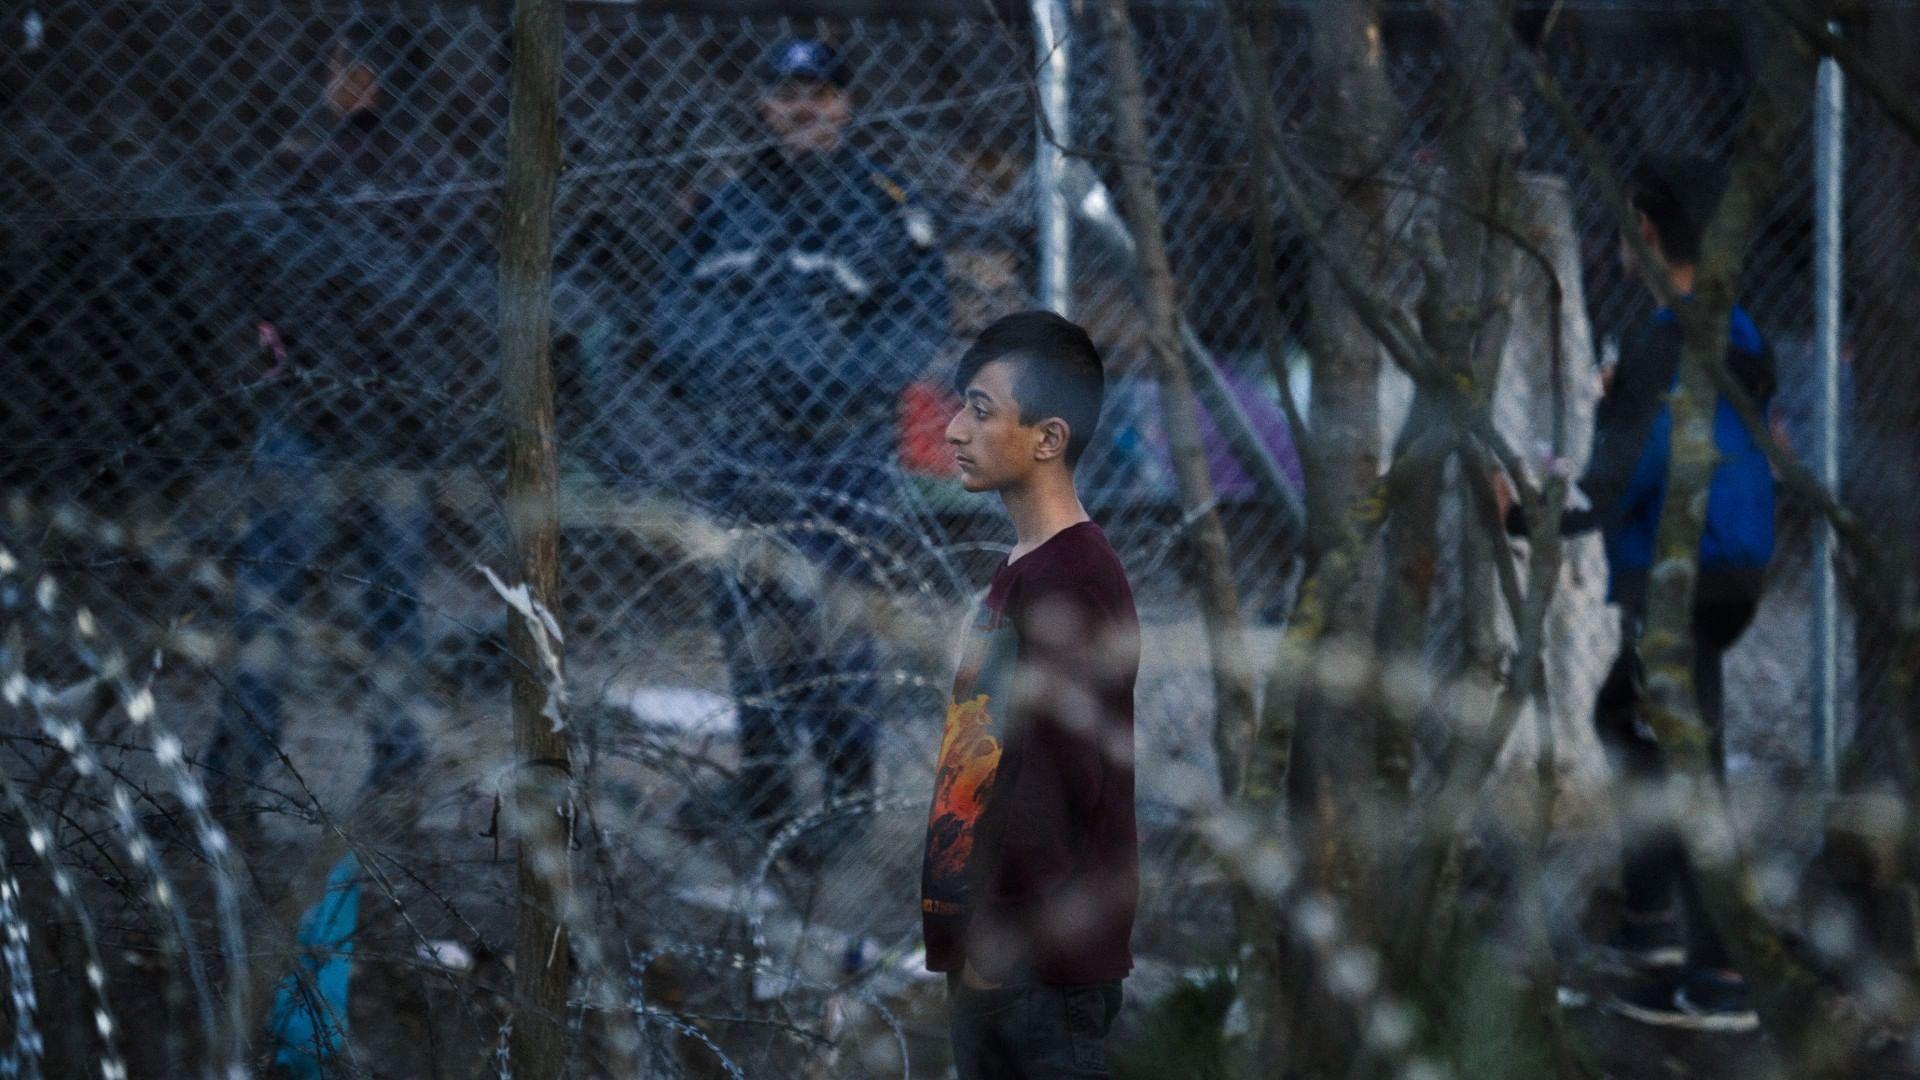 Les migrants illégalement refoulés aux frontières de l'UE